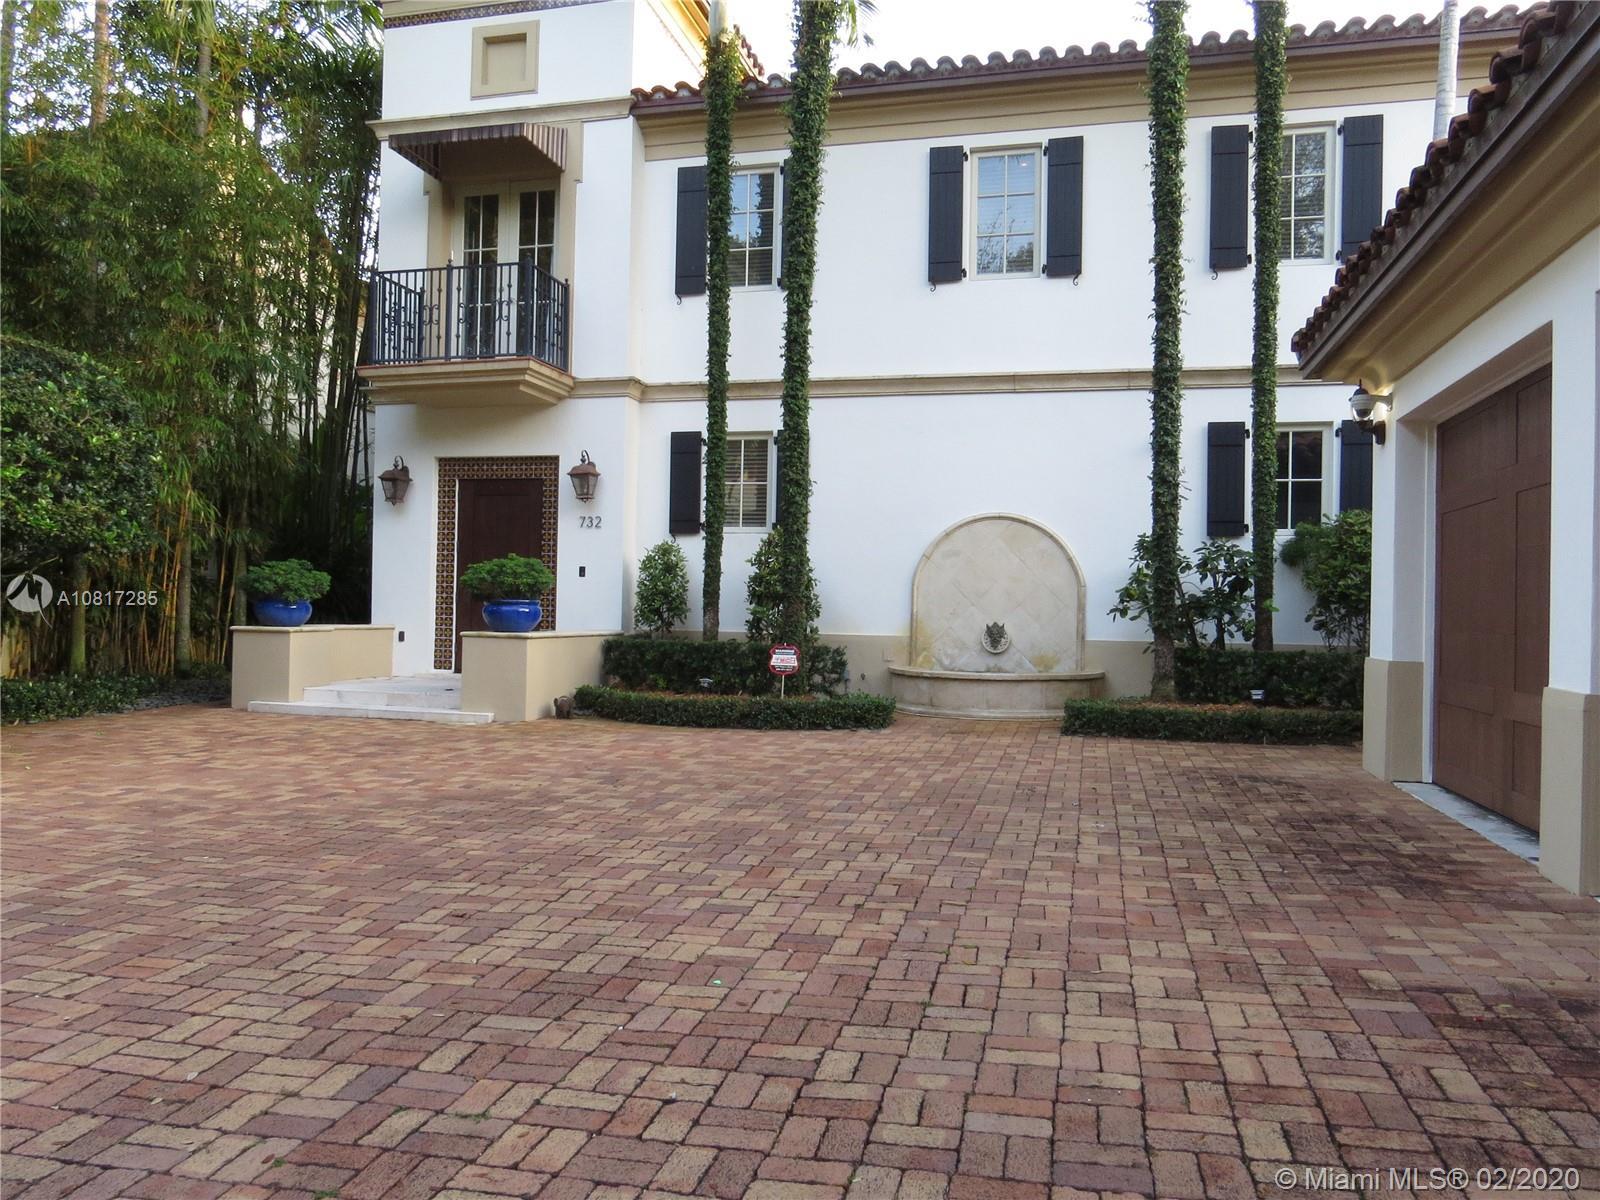 732  Almeria Ave  For Sale A10817285, FL